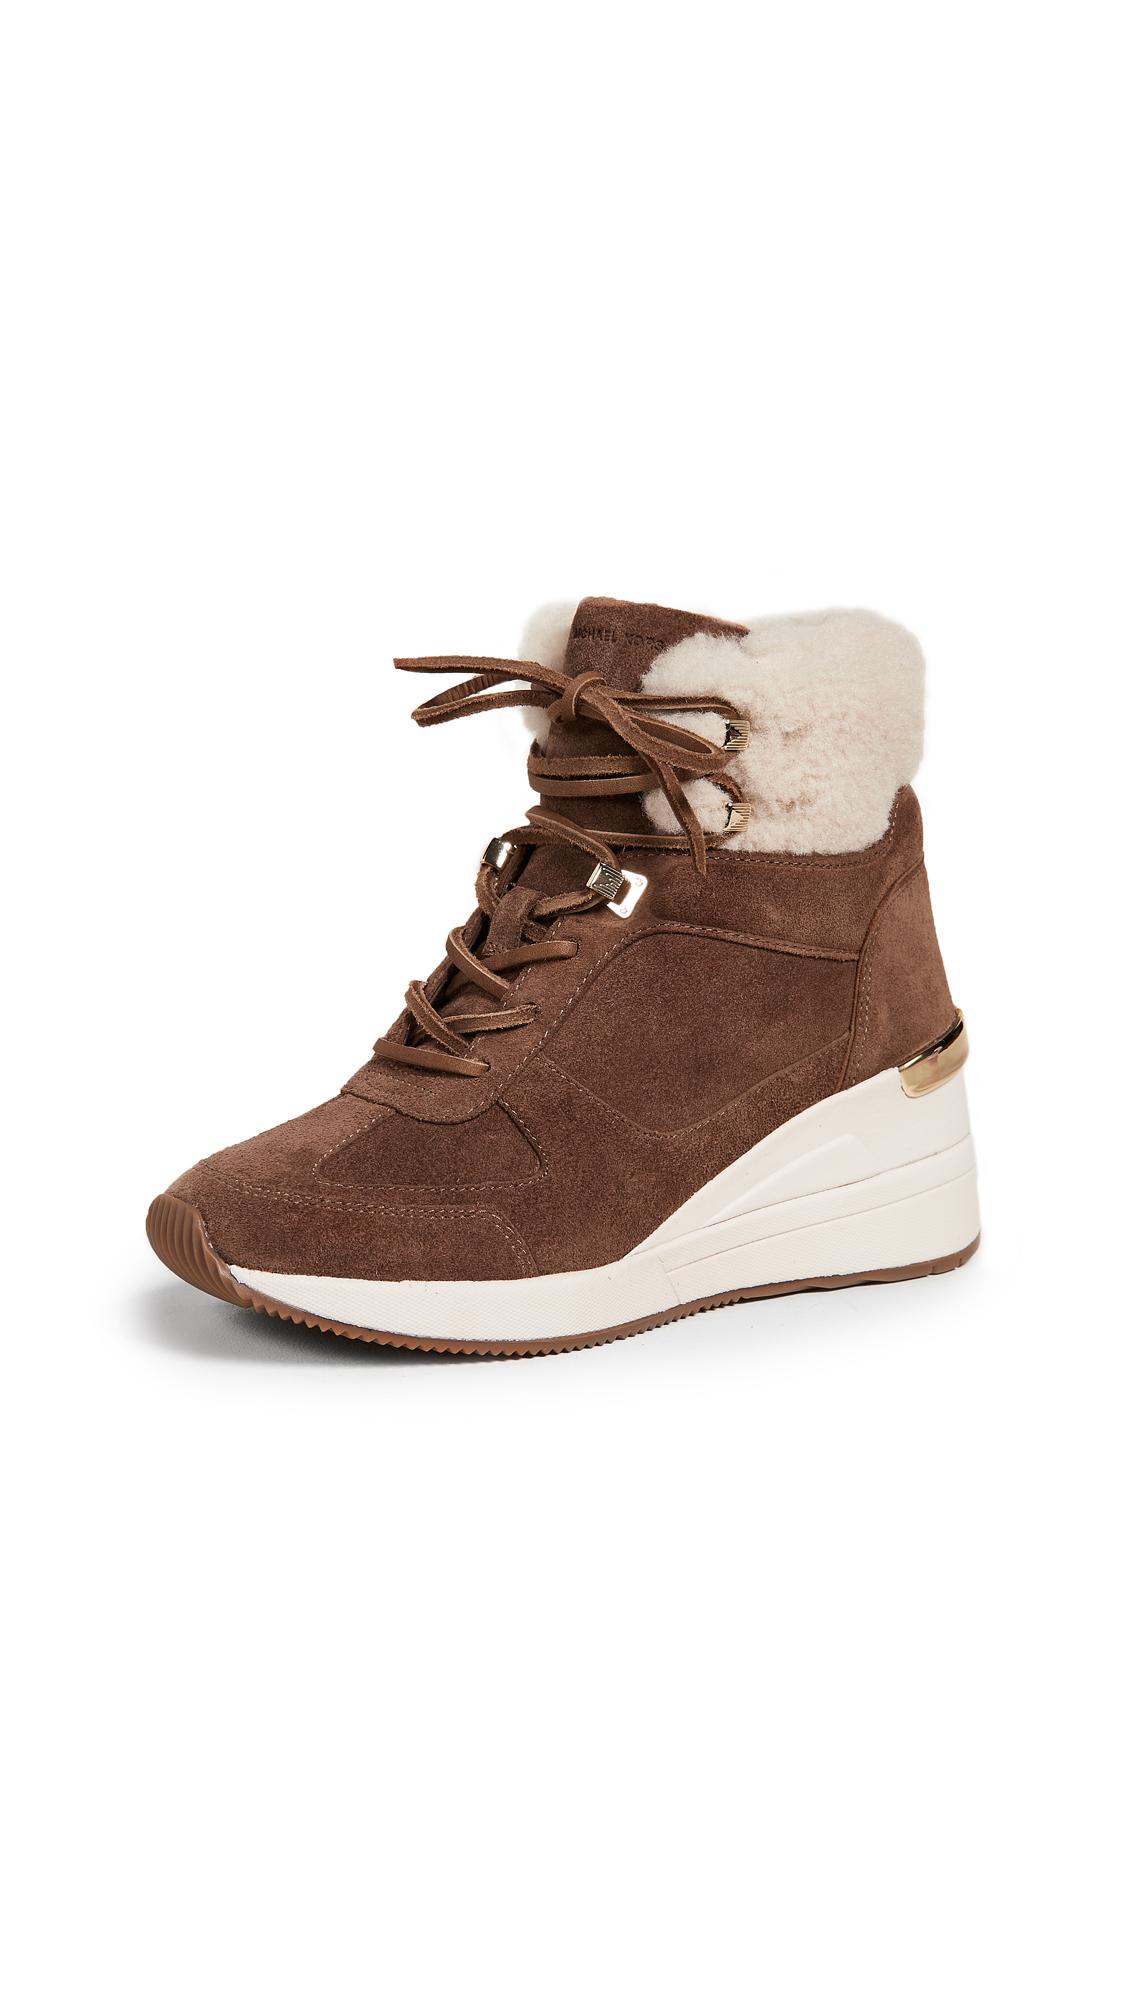 MICHAEL Michael Kors Liv Shearling Sneakers - Dark Caramel